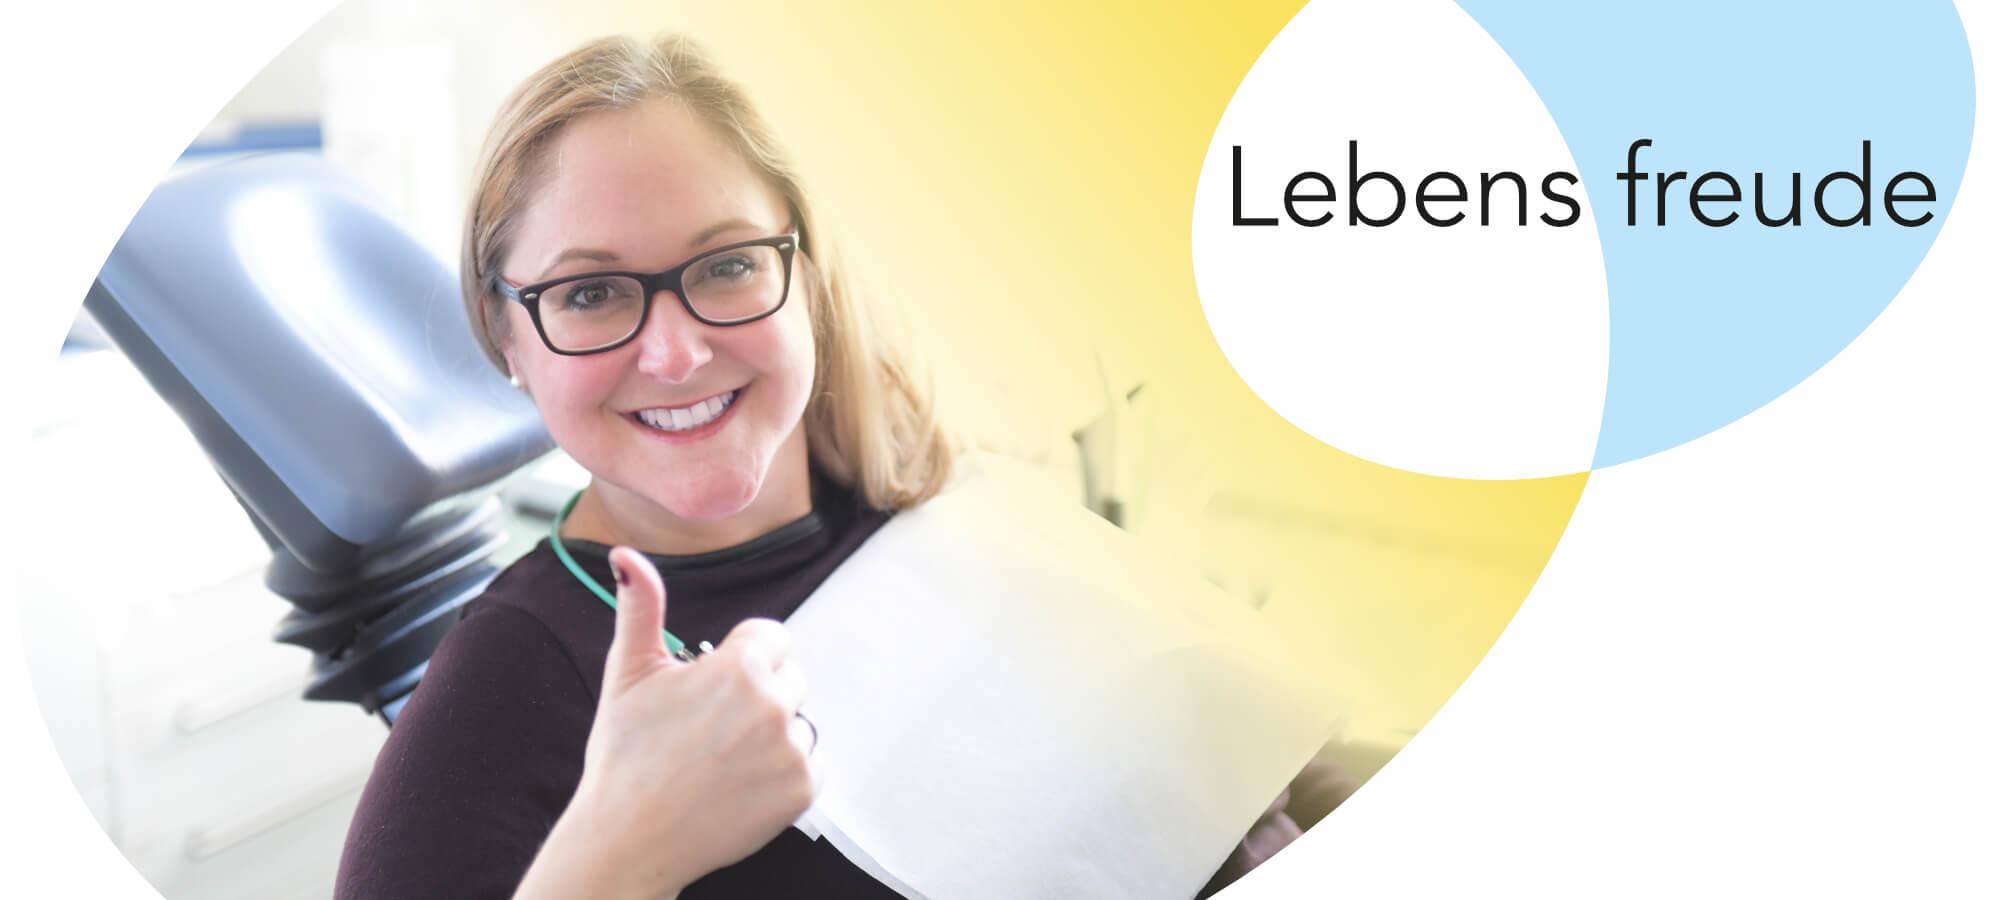 Zahnarzt Reutlingen, Zahnarztpraxis Dr. Schick, Testimonial